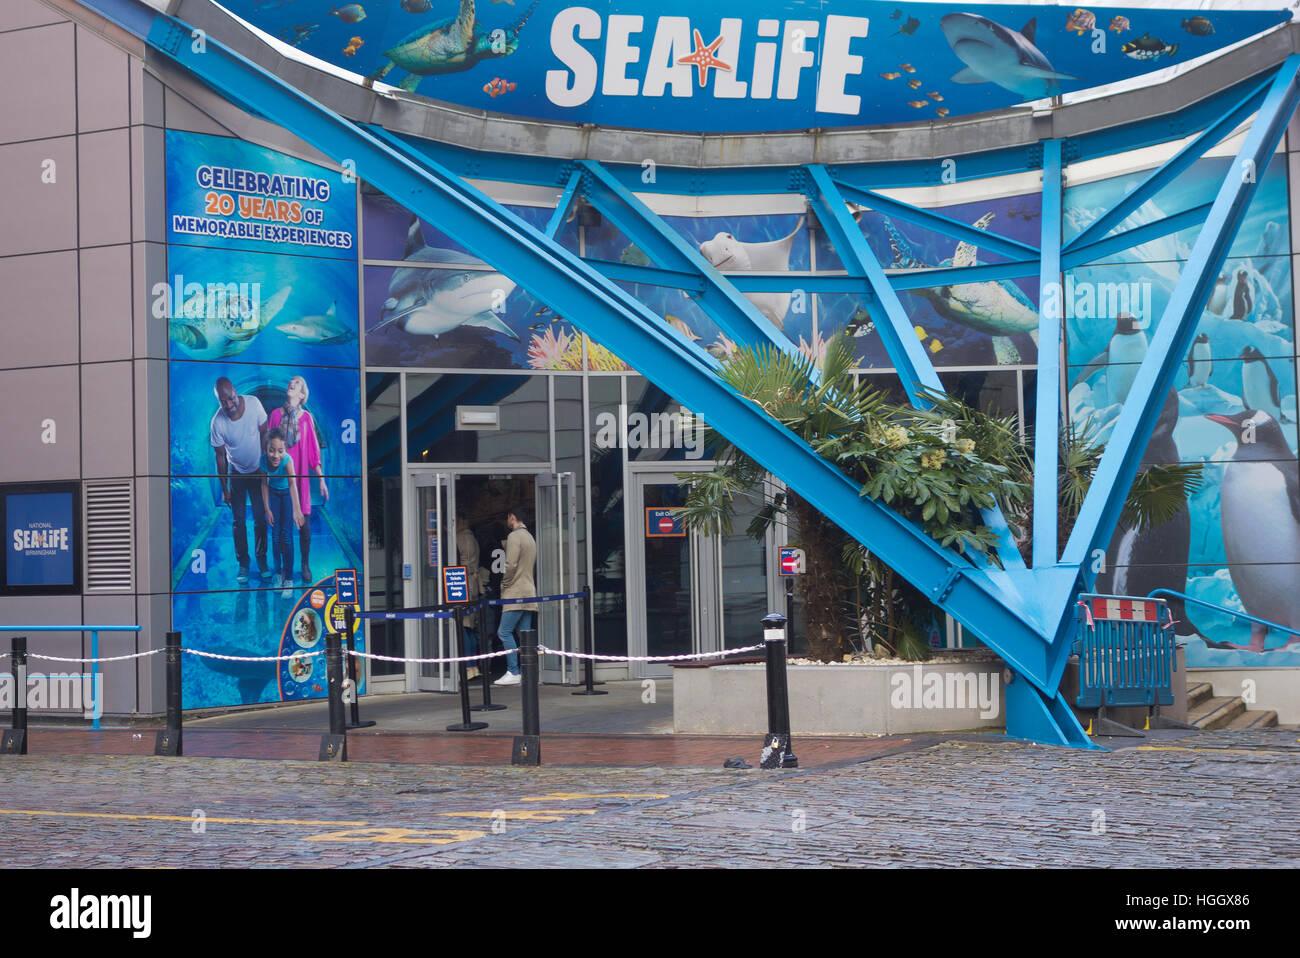 National Sea Life Centre, Brindleyplace, Birmingham, West Midlands, England, UK - Stock Image